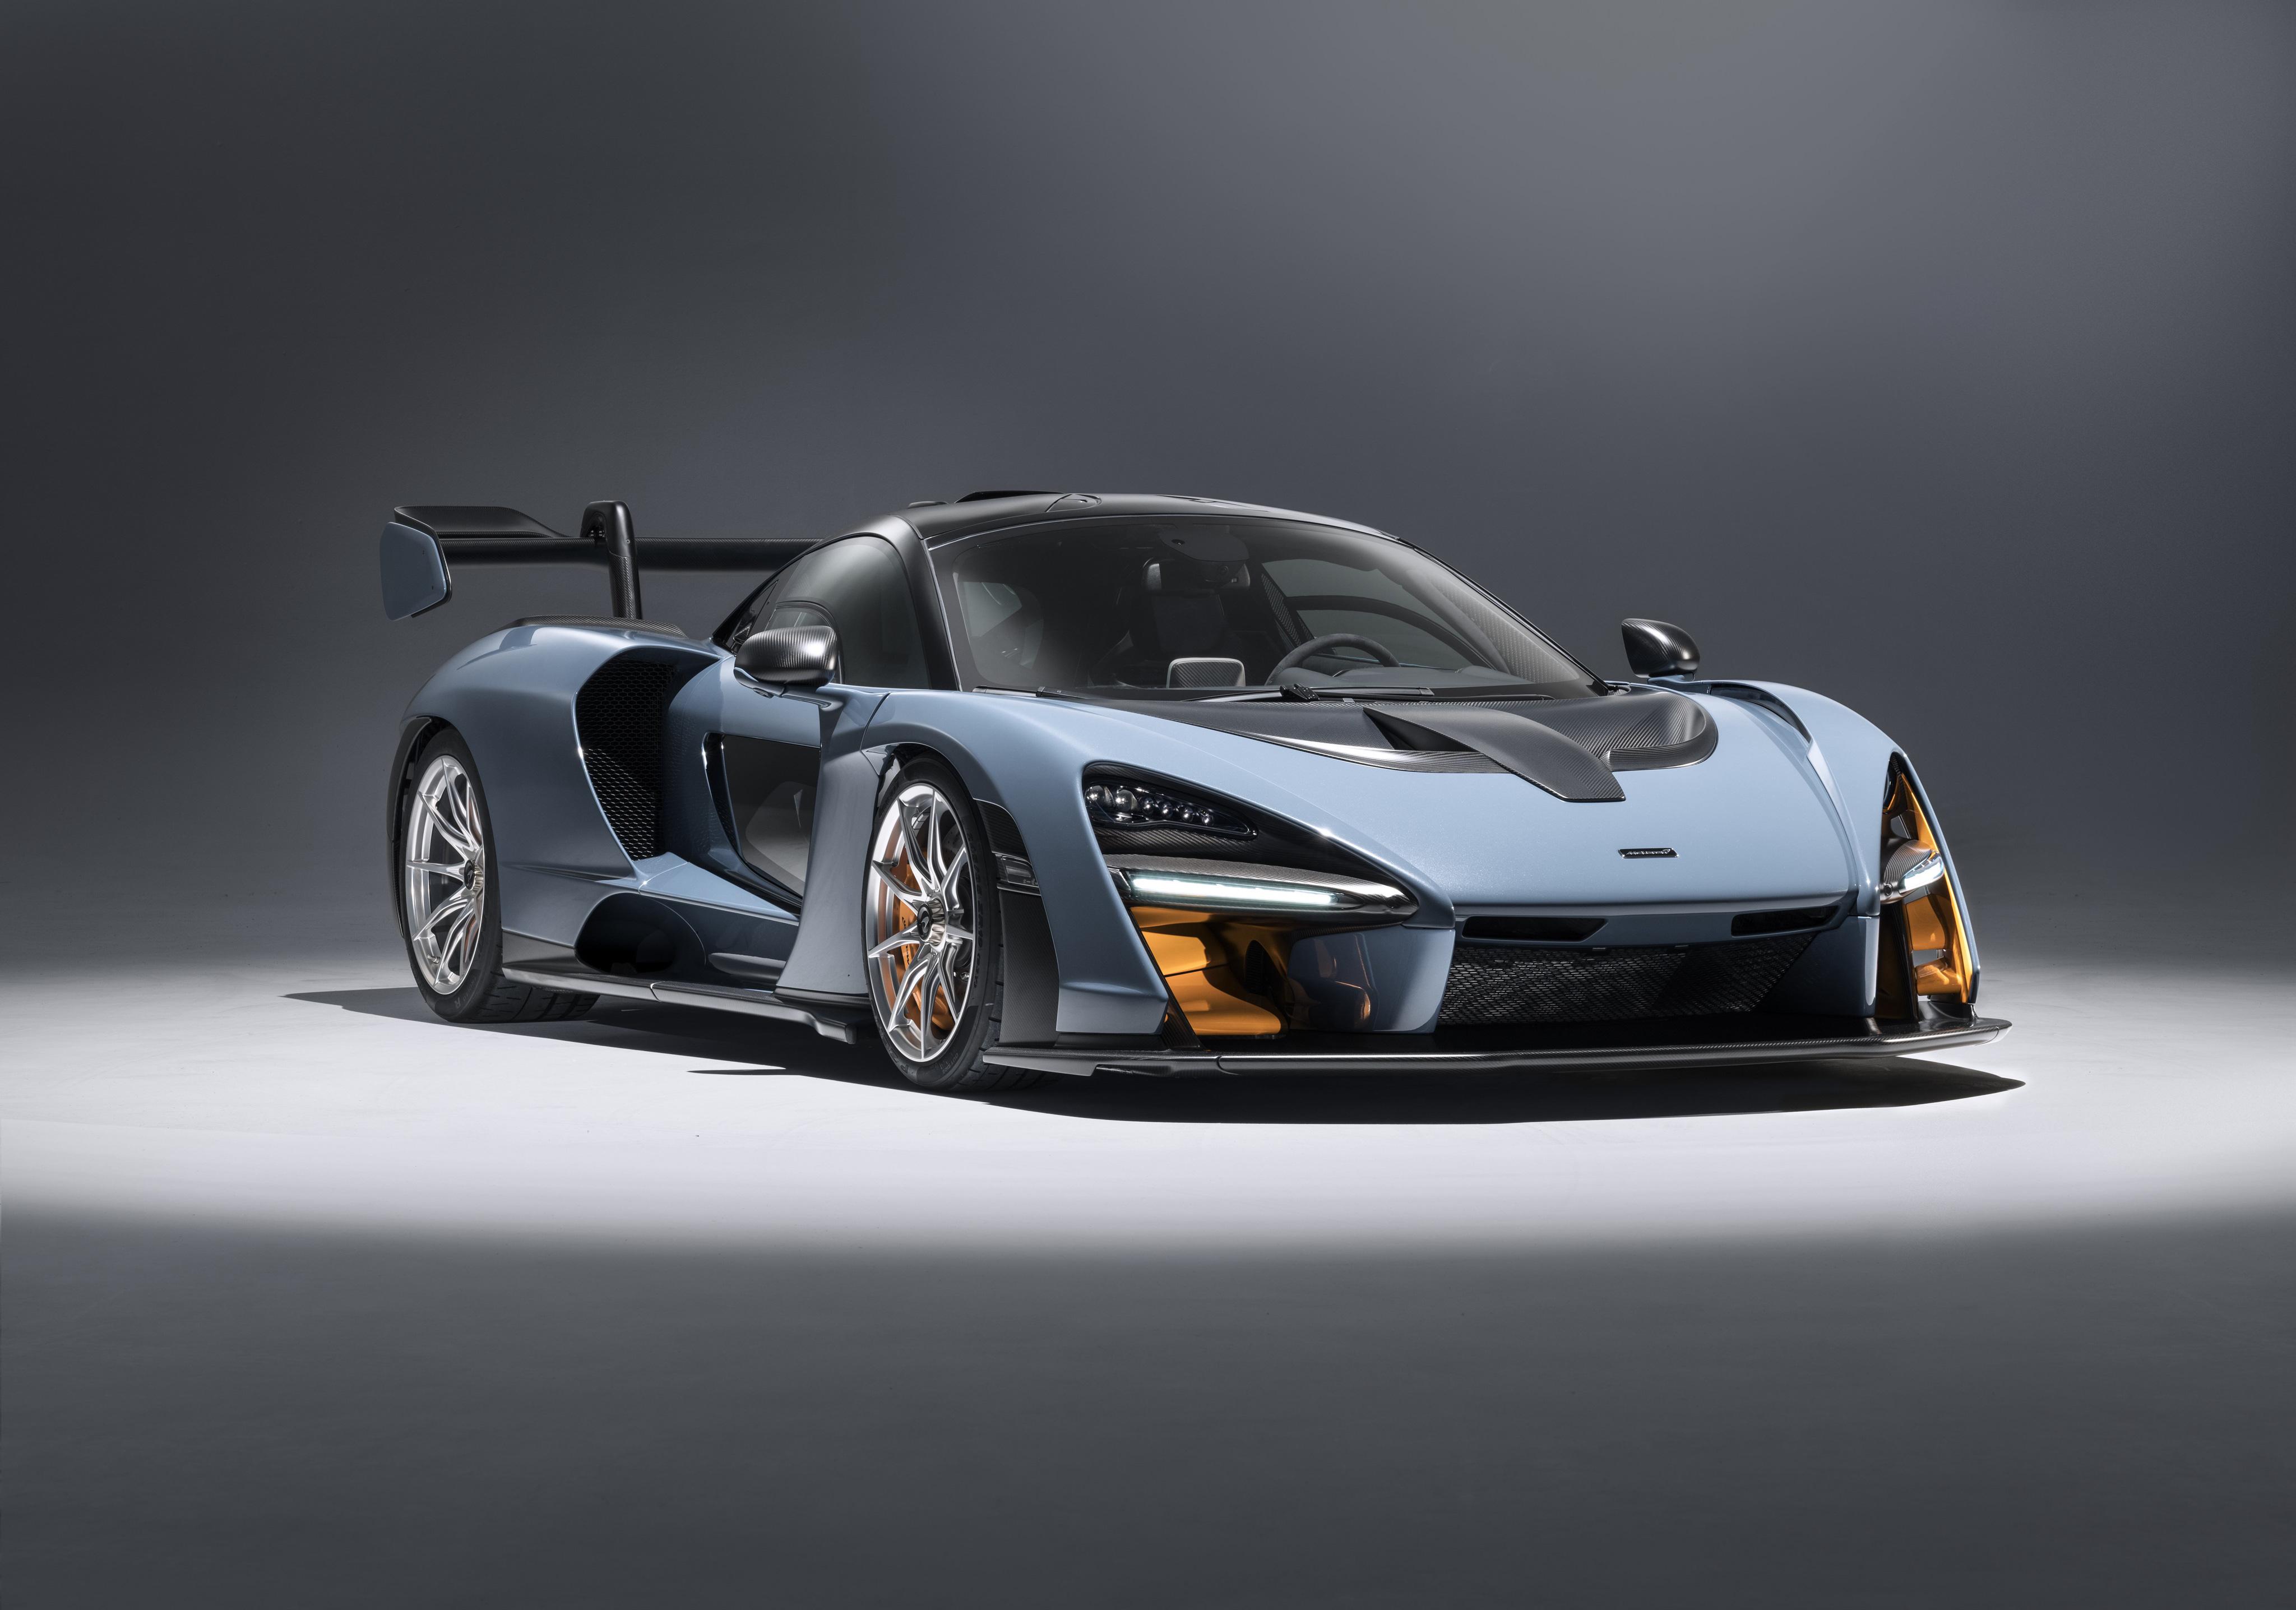 2018 McLaren Senna 4k, HD Cars, 4k Wallpapers, Images ...